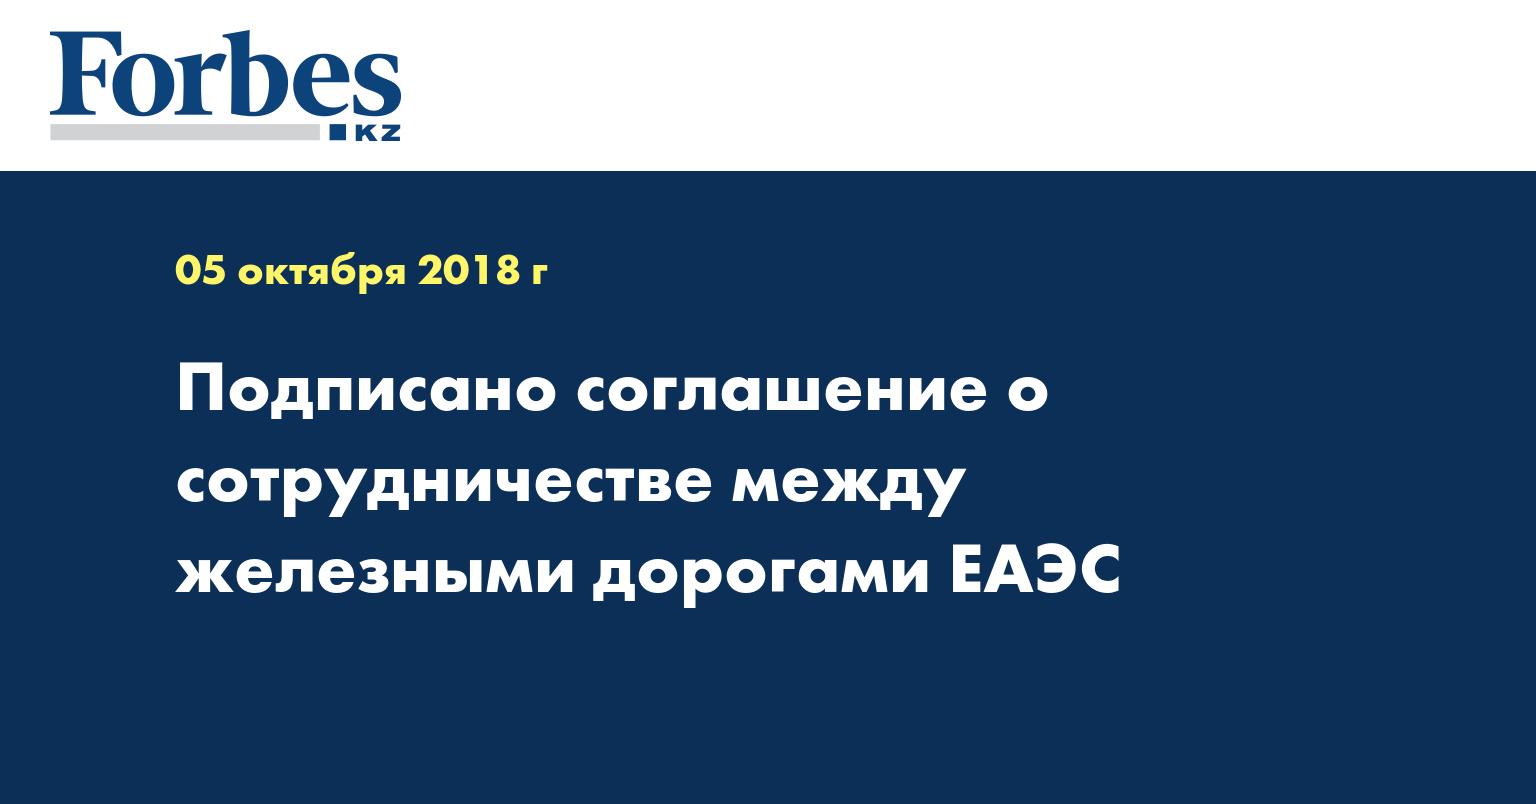 Подписано соглашение о сотрудничестве между железными дорогами ЕАЭС